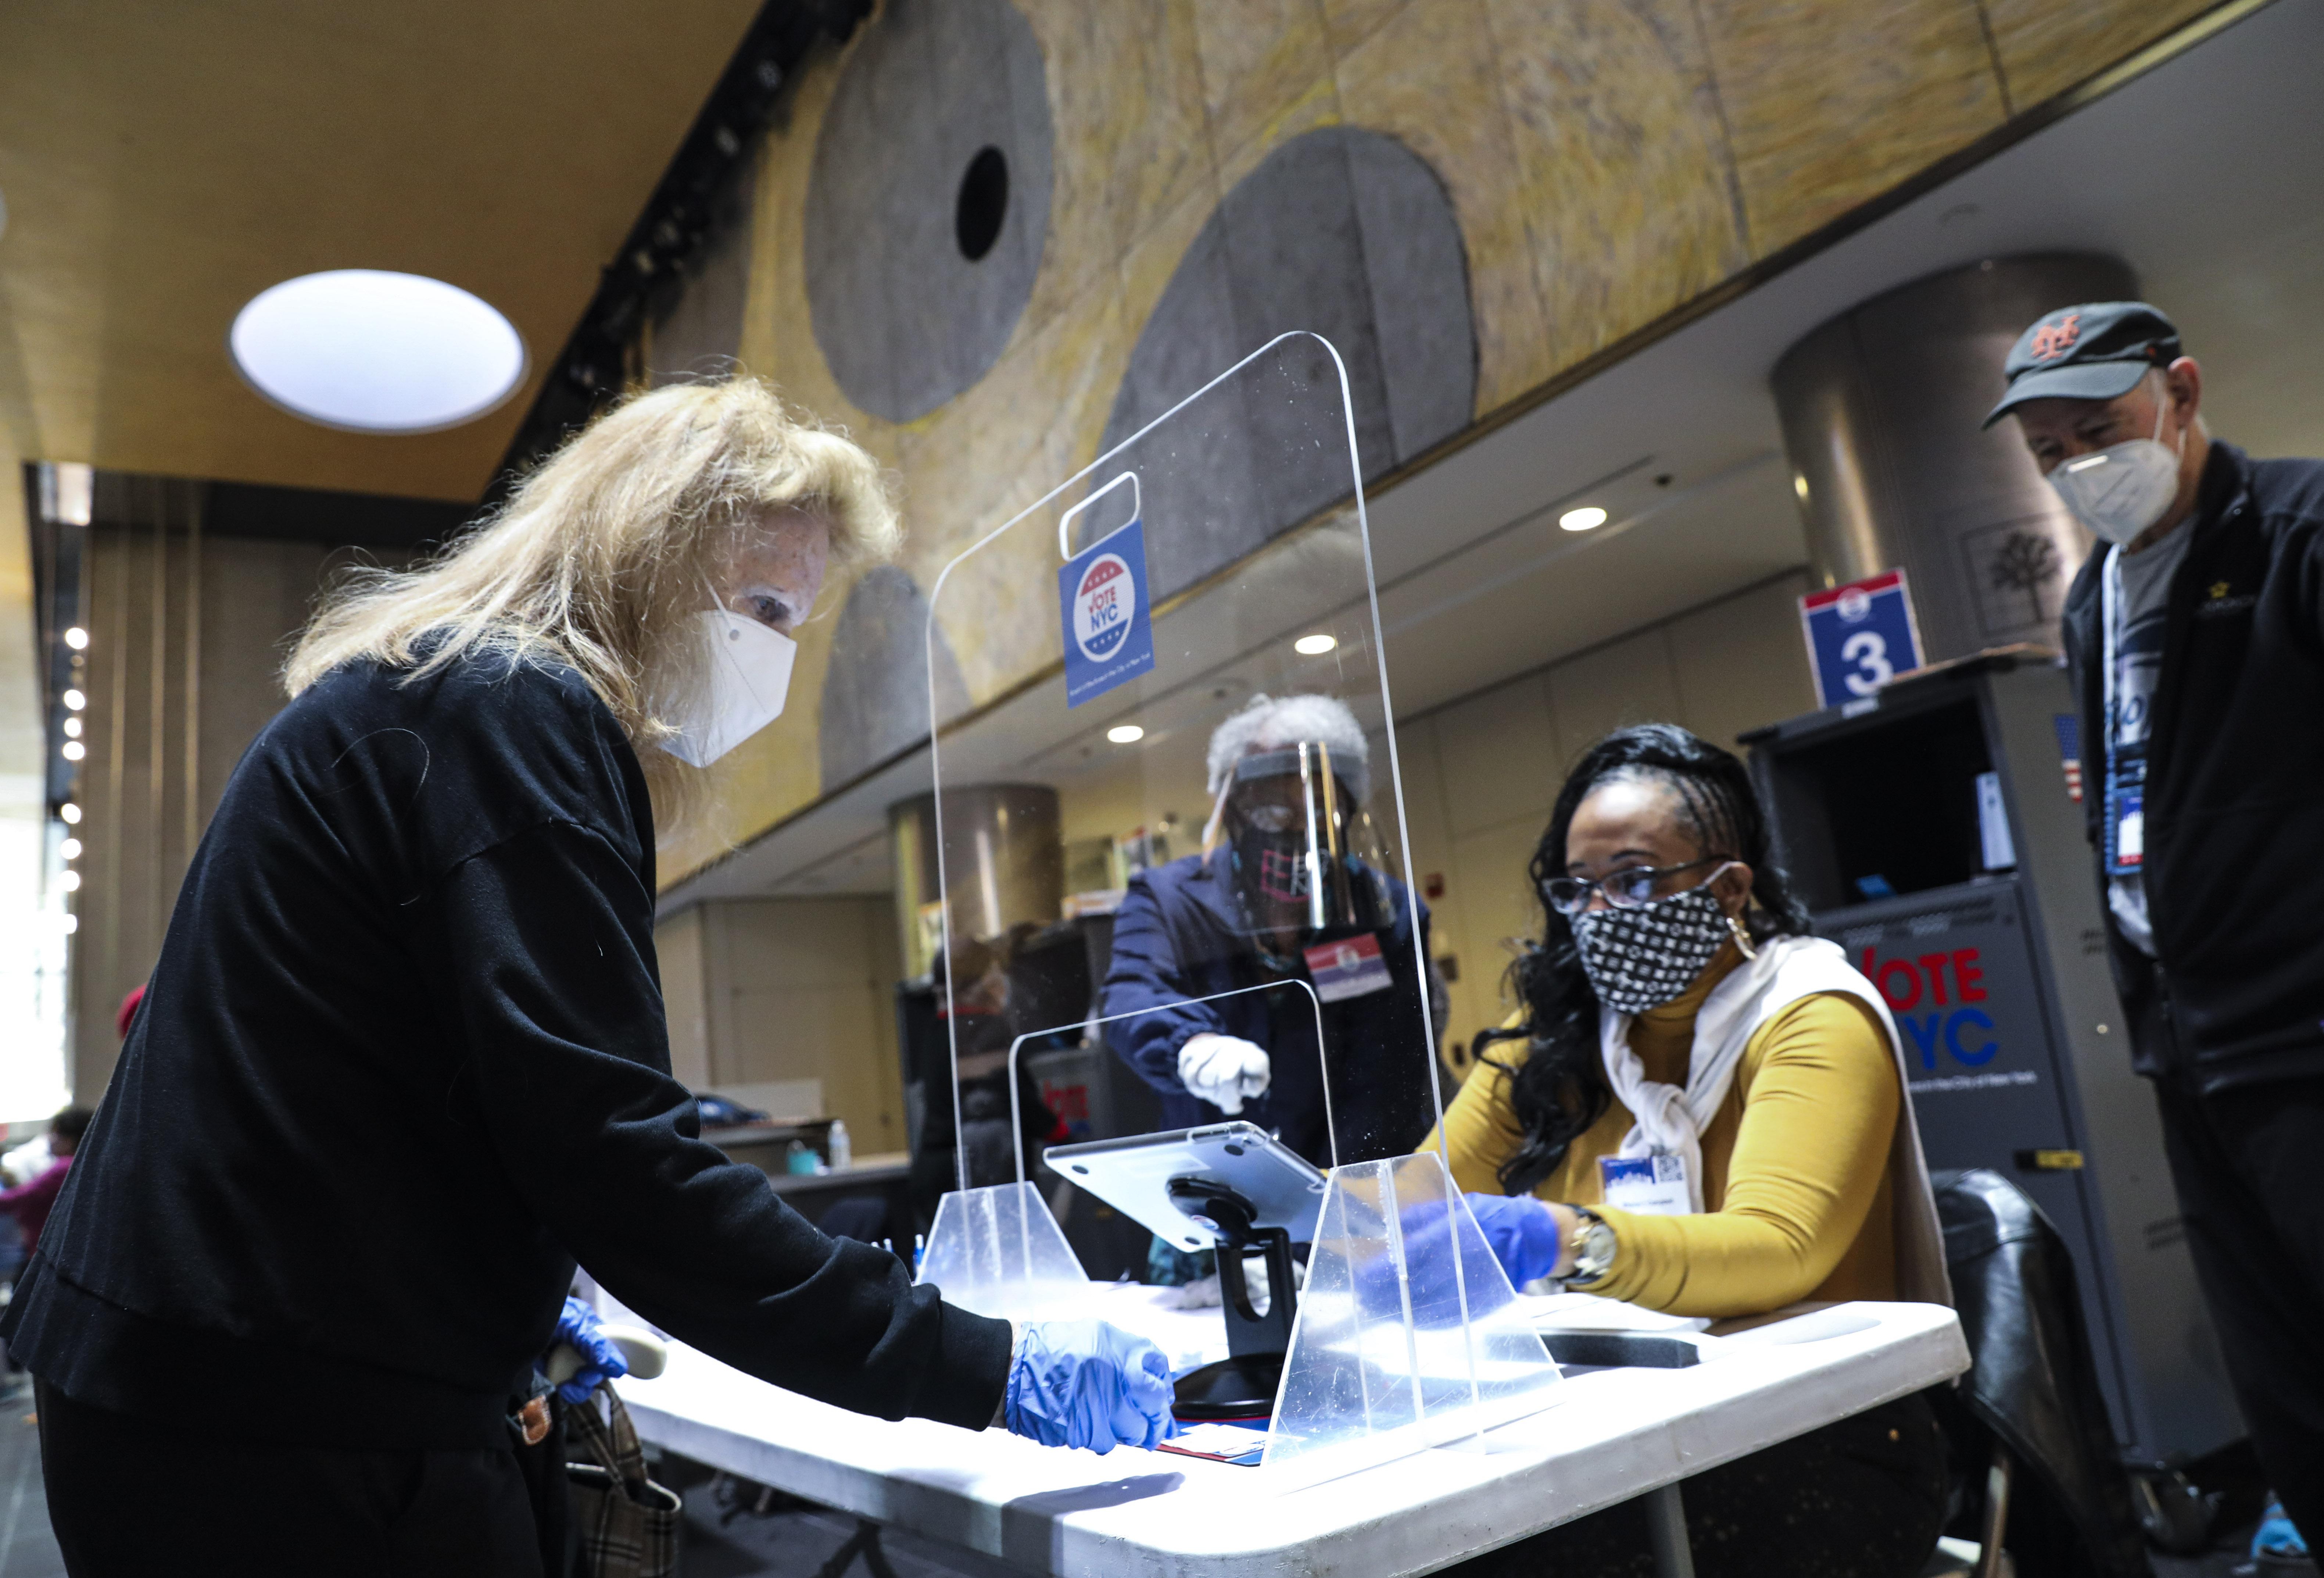 10月24日,選民在美國紐約麥迪遜花園廣場投票點提前投票,紐約州2020美國大選提前投票當日啟動。 (新華社)